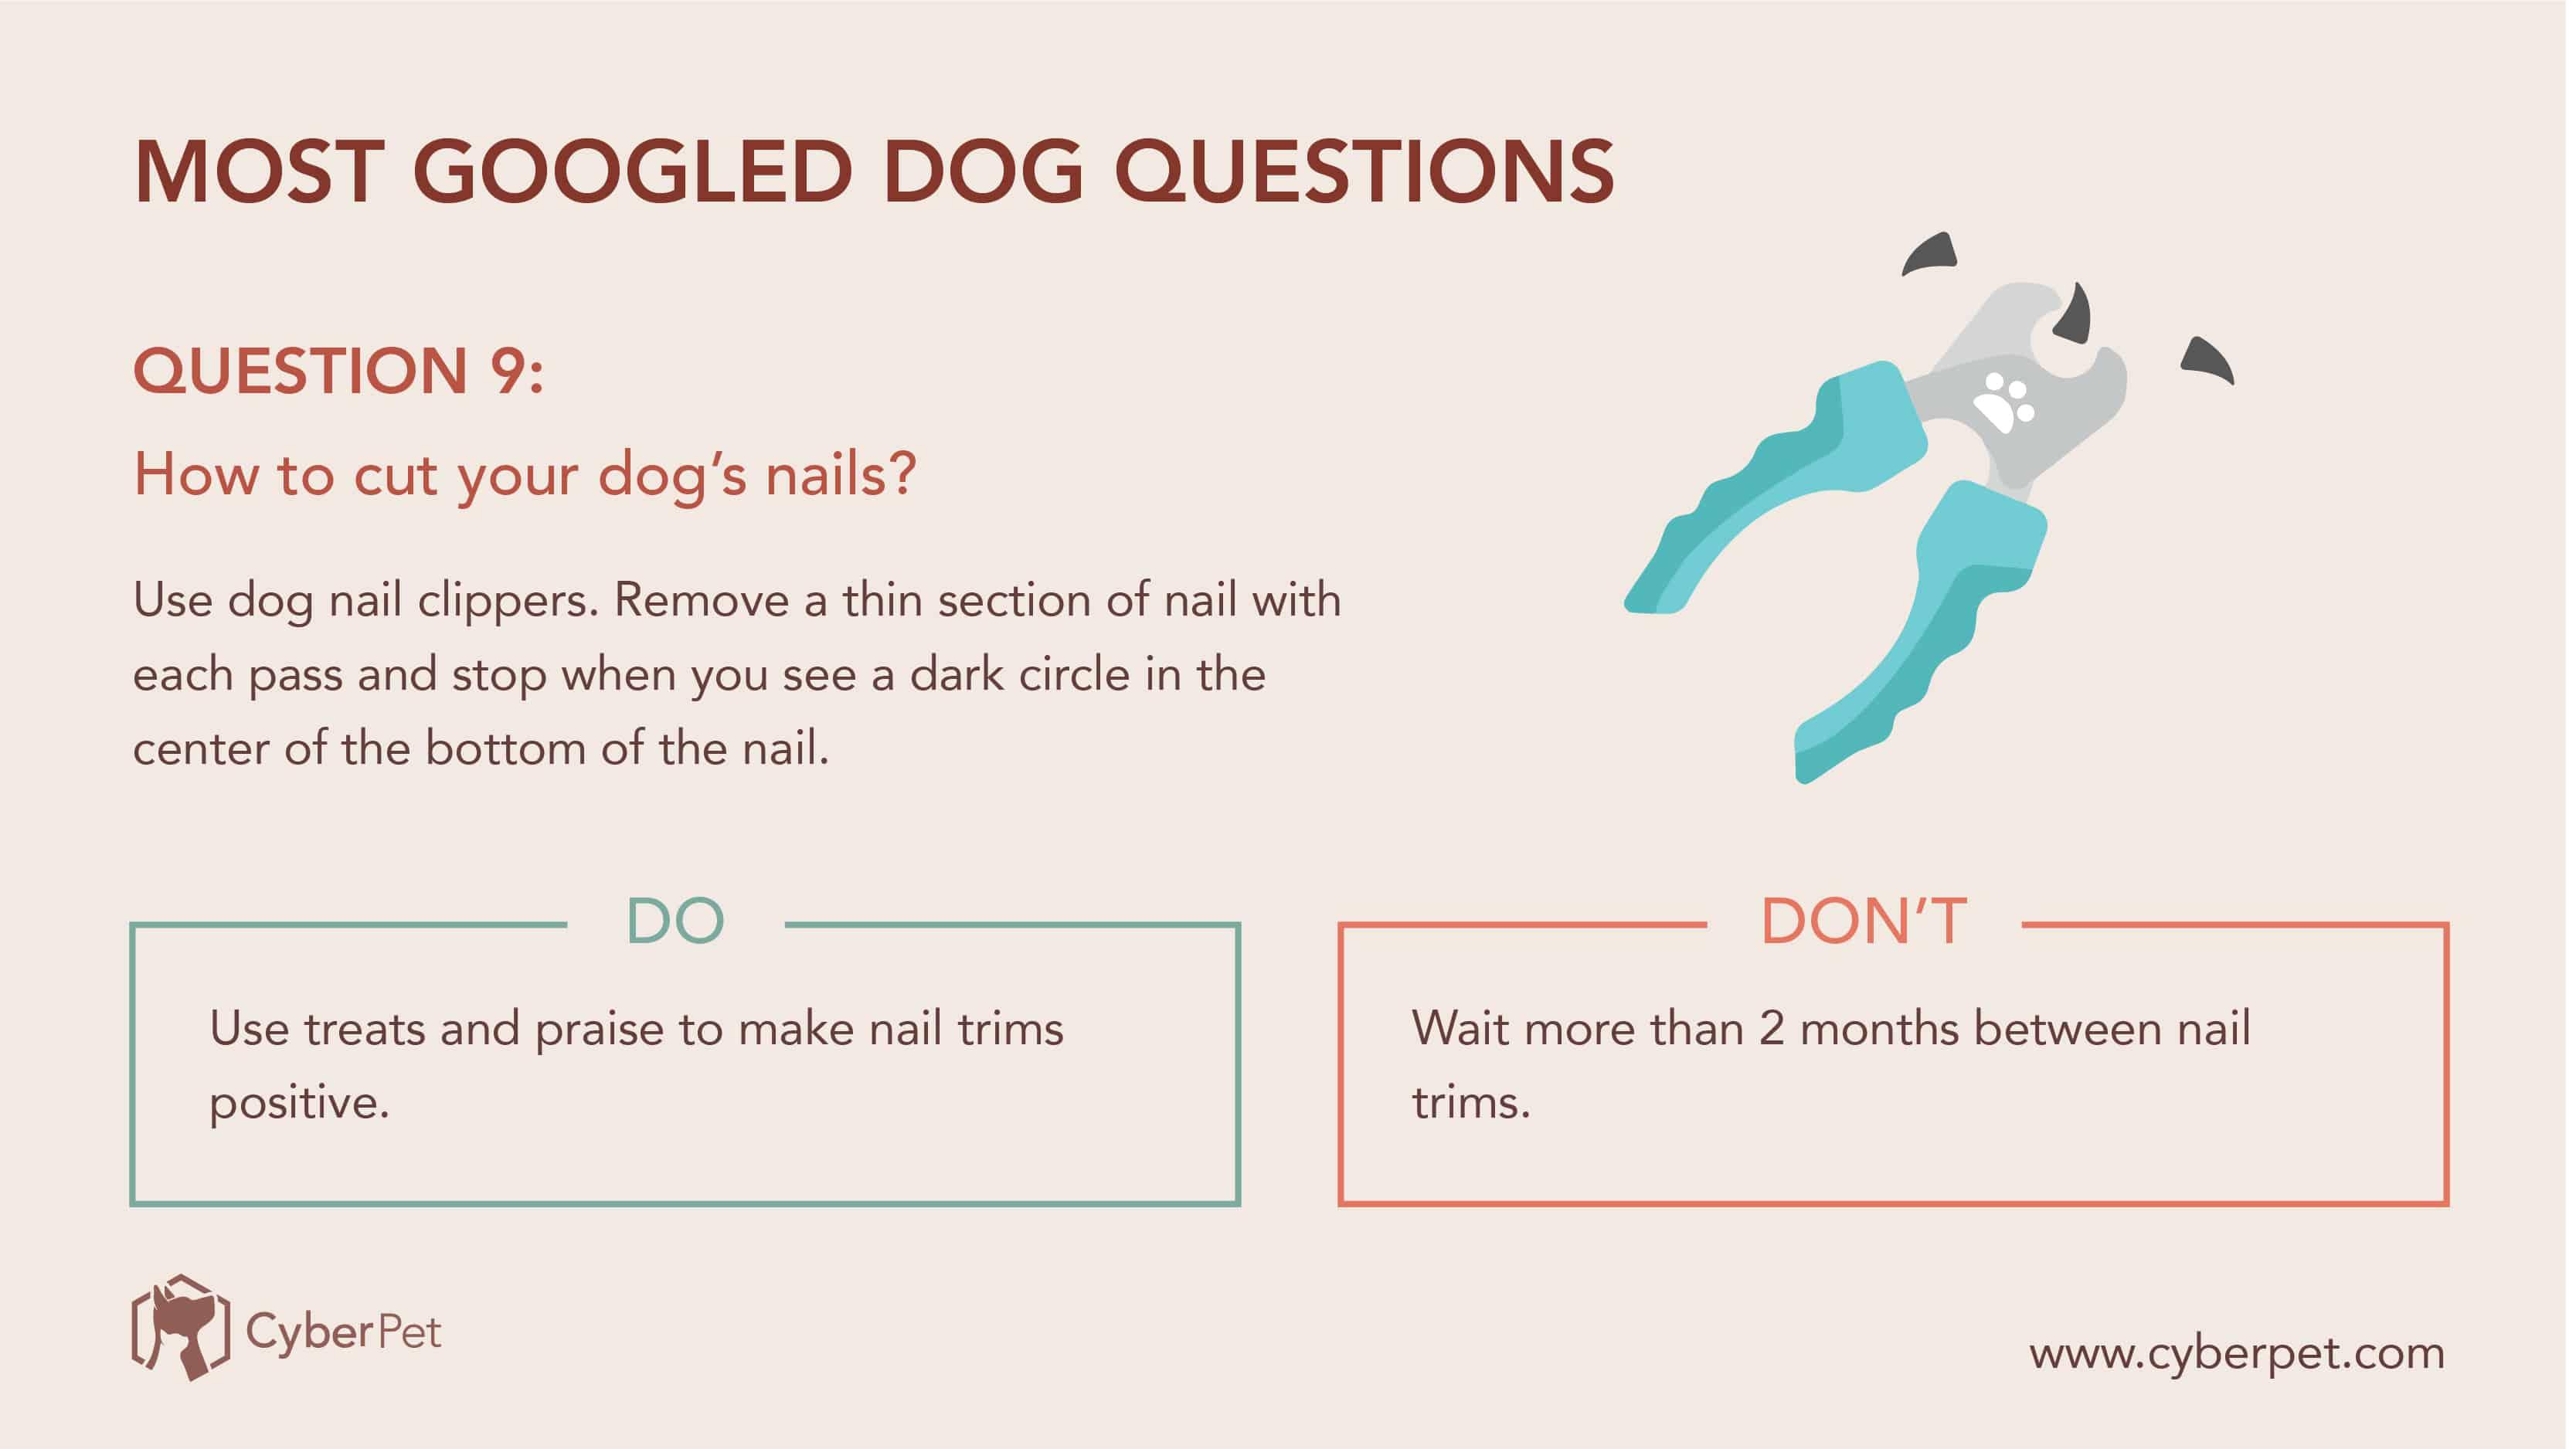 10 Most-Googled Dog Questions - Q9